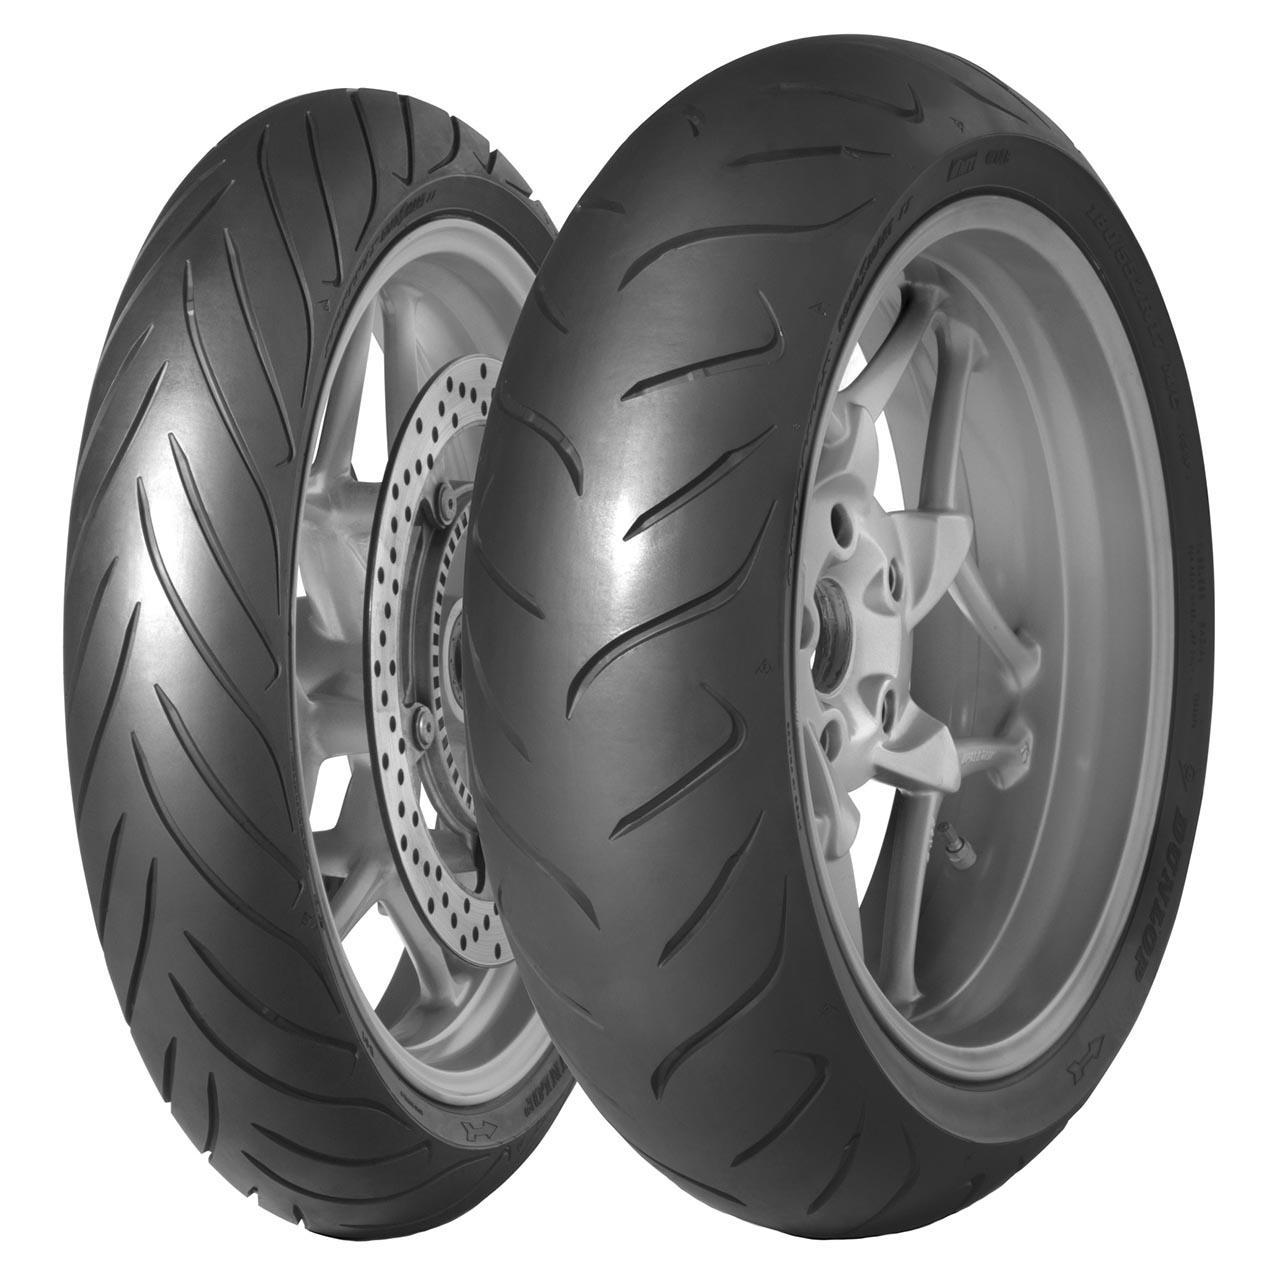 Dunlop Sportmax Roadsmart 2 120/70ZR17 (58W) TL